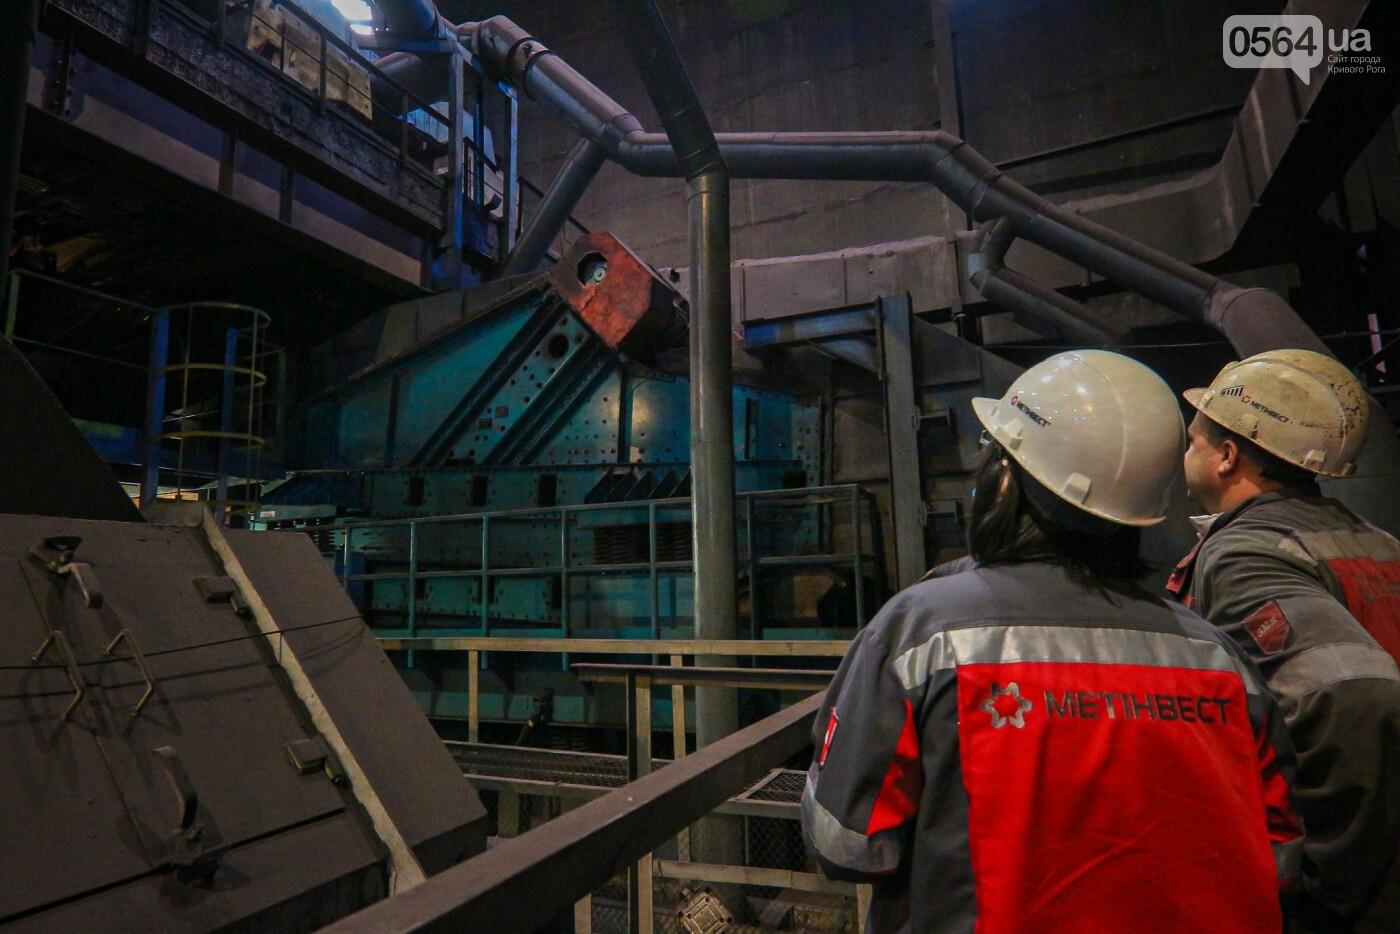 Ориентир на потребителя: на Северном ГОКе компании Метинвест внедряют технологии для повышения качества готовой продукции, фото-2